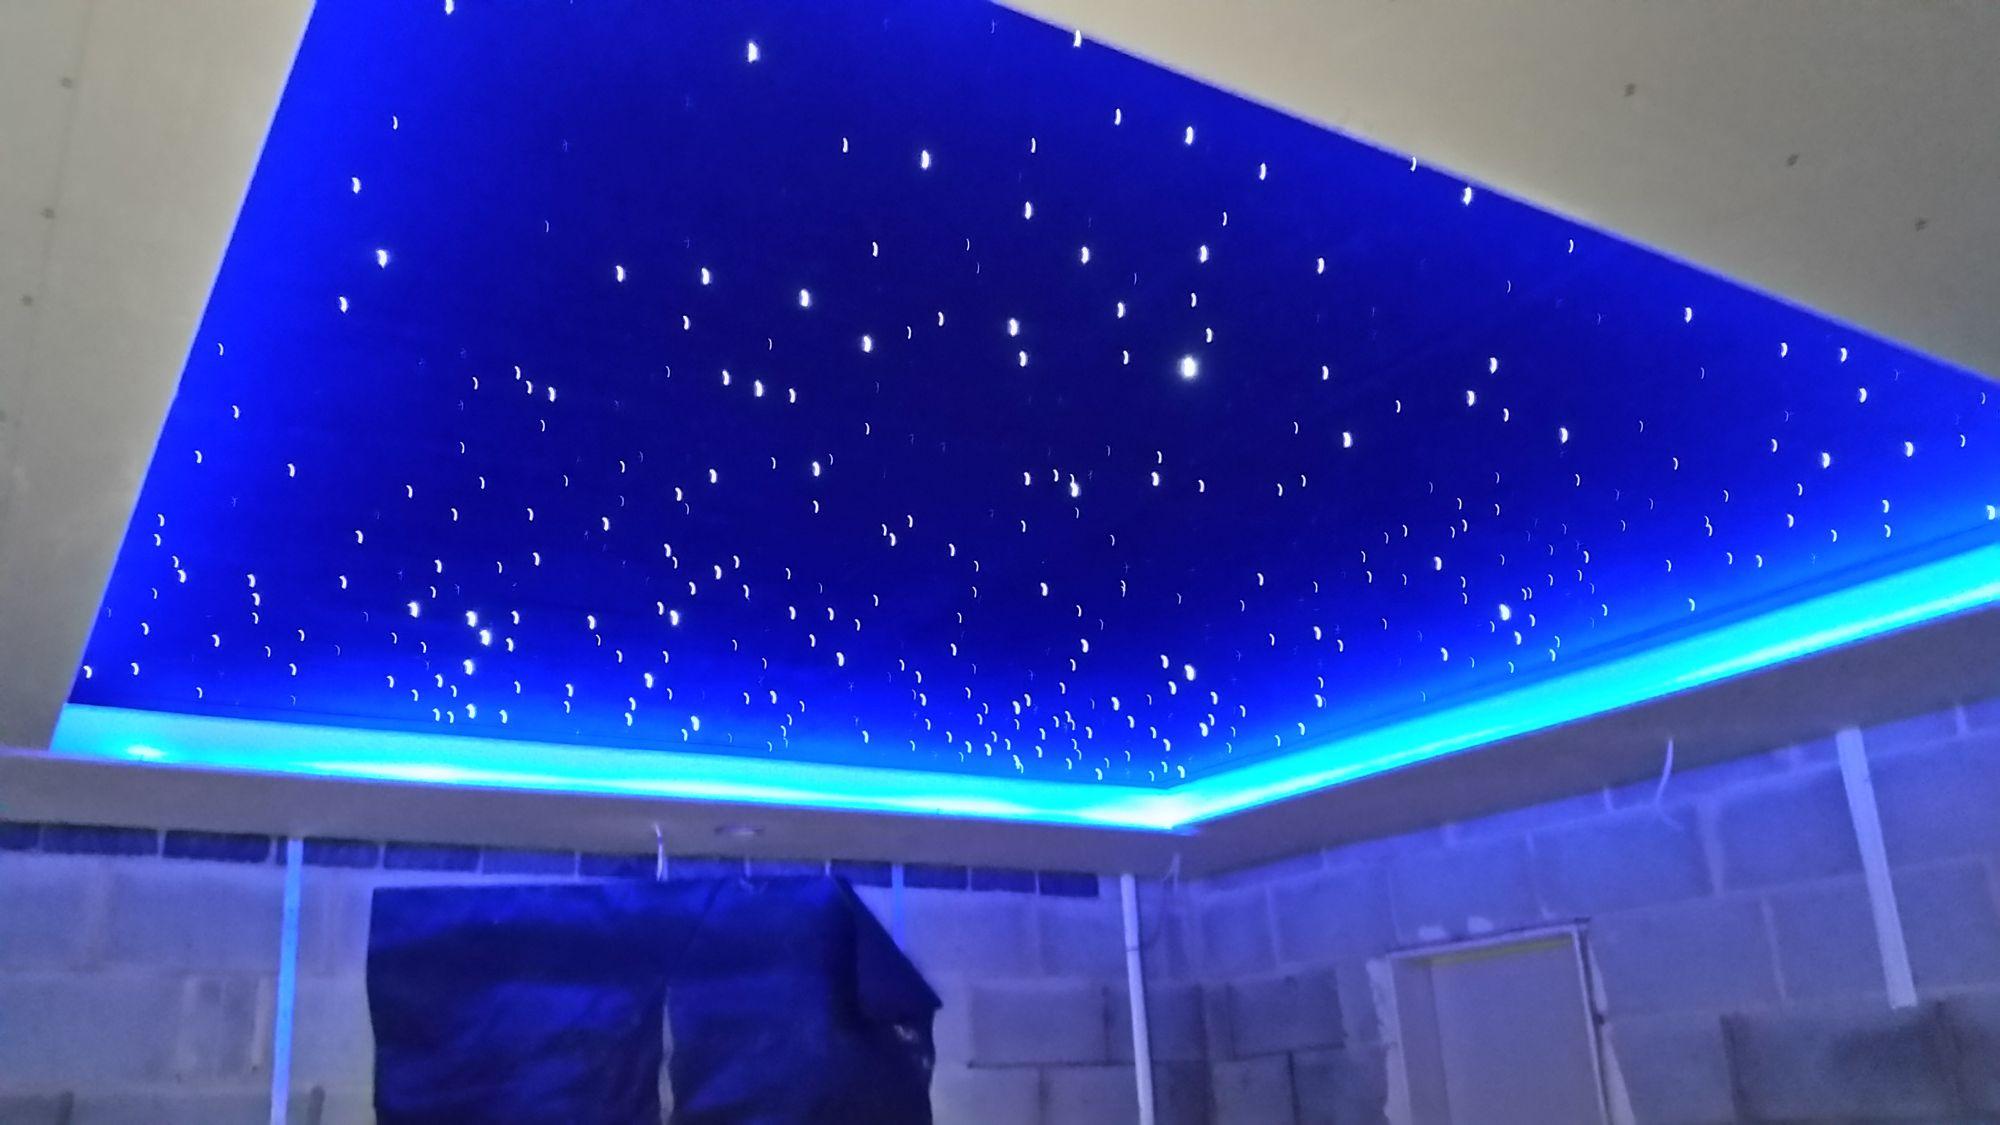 智能家居公司Wyze推出可联网智能LED灯带